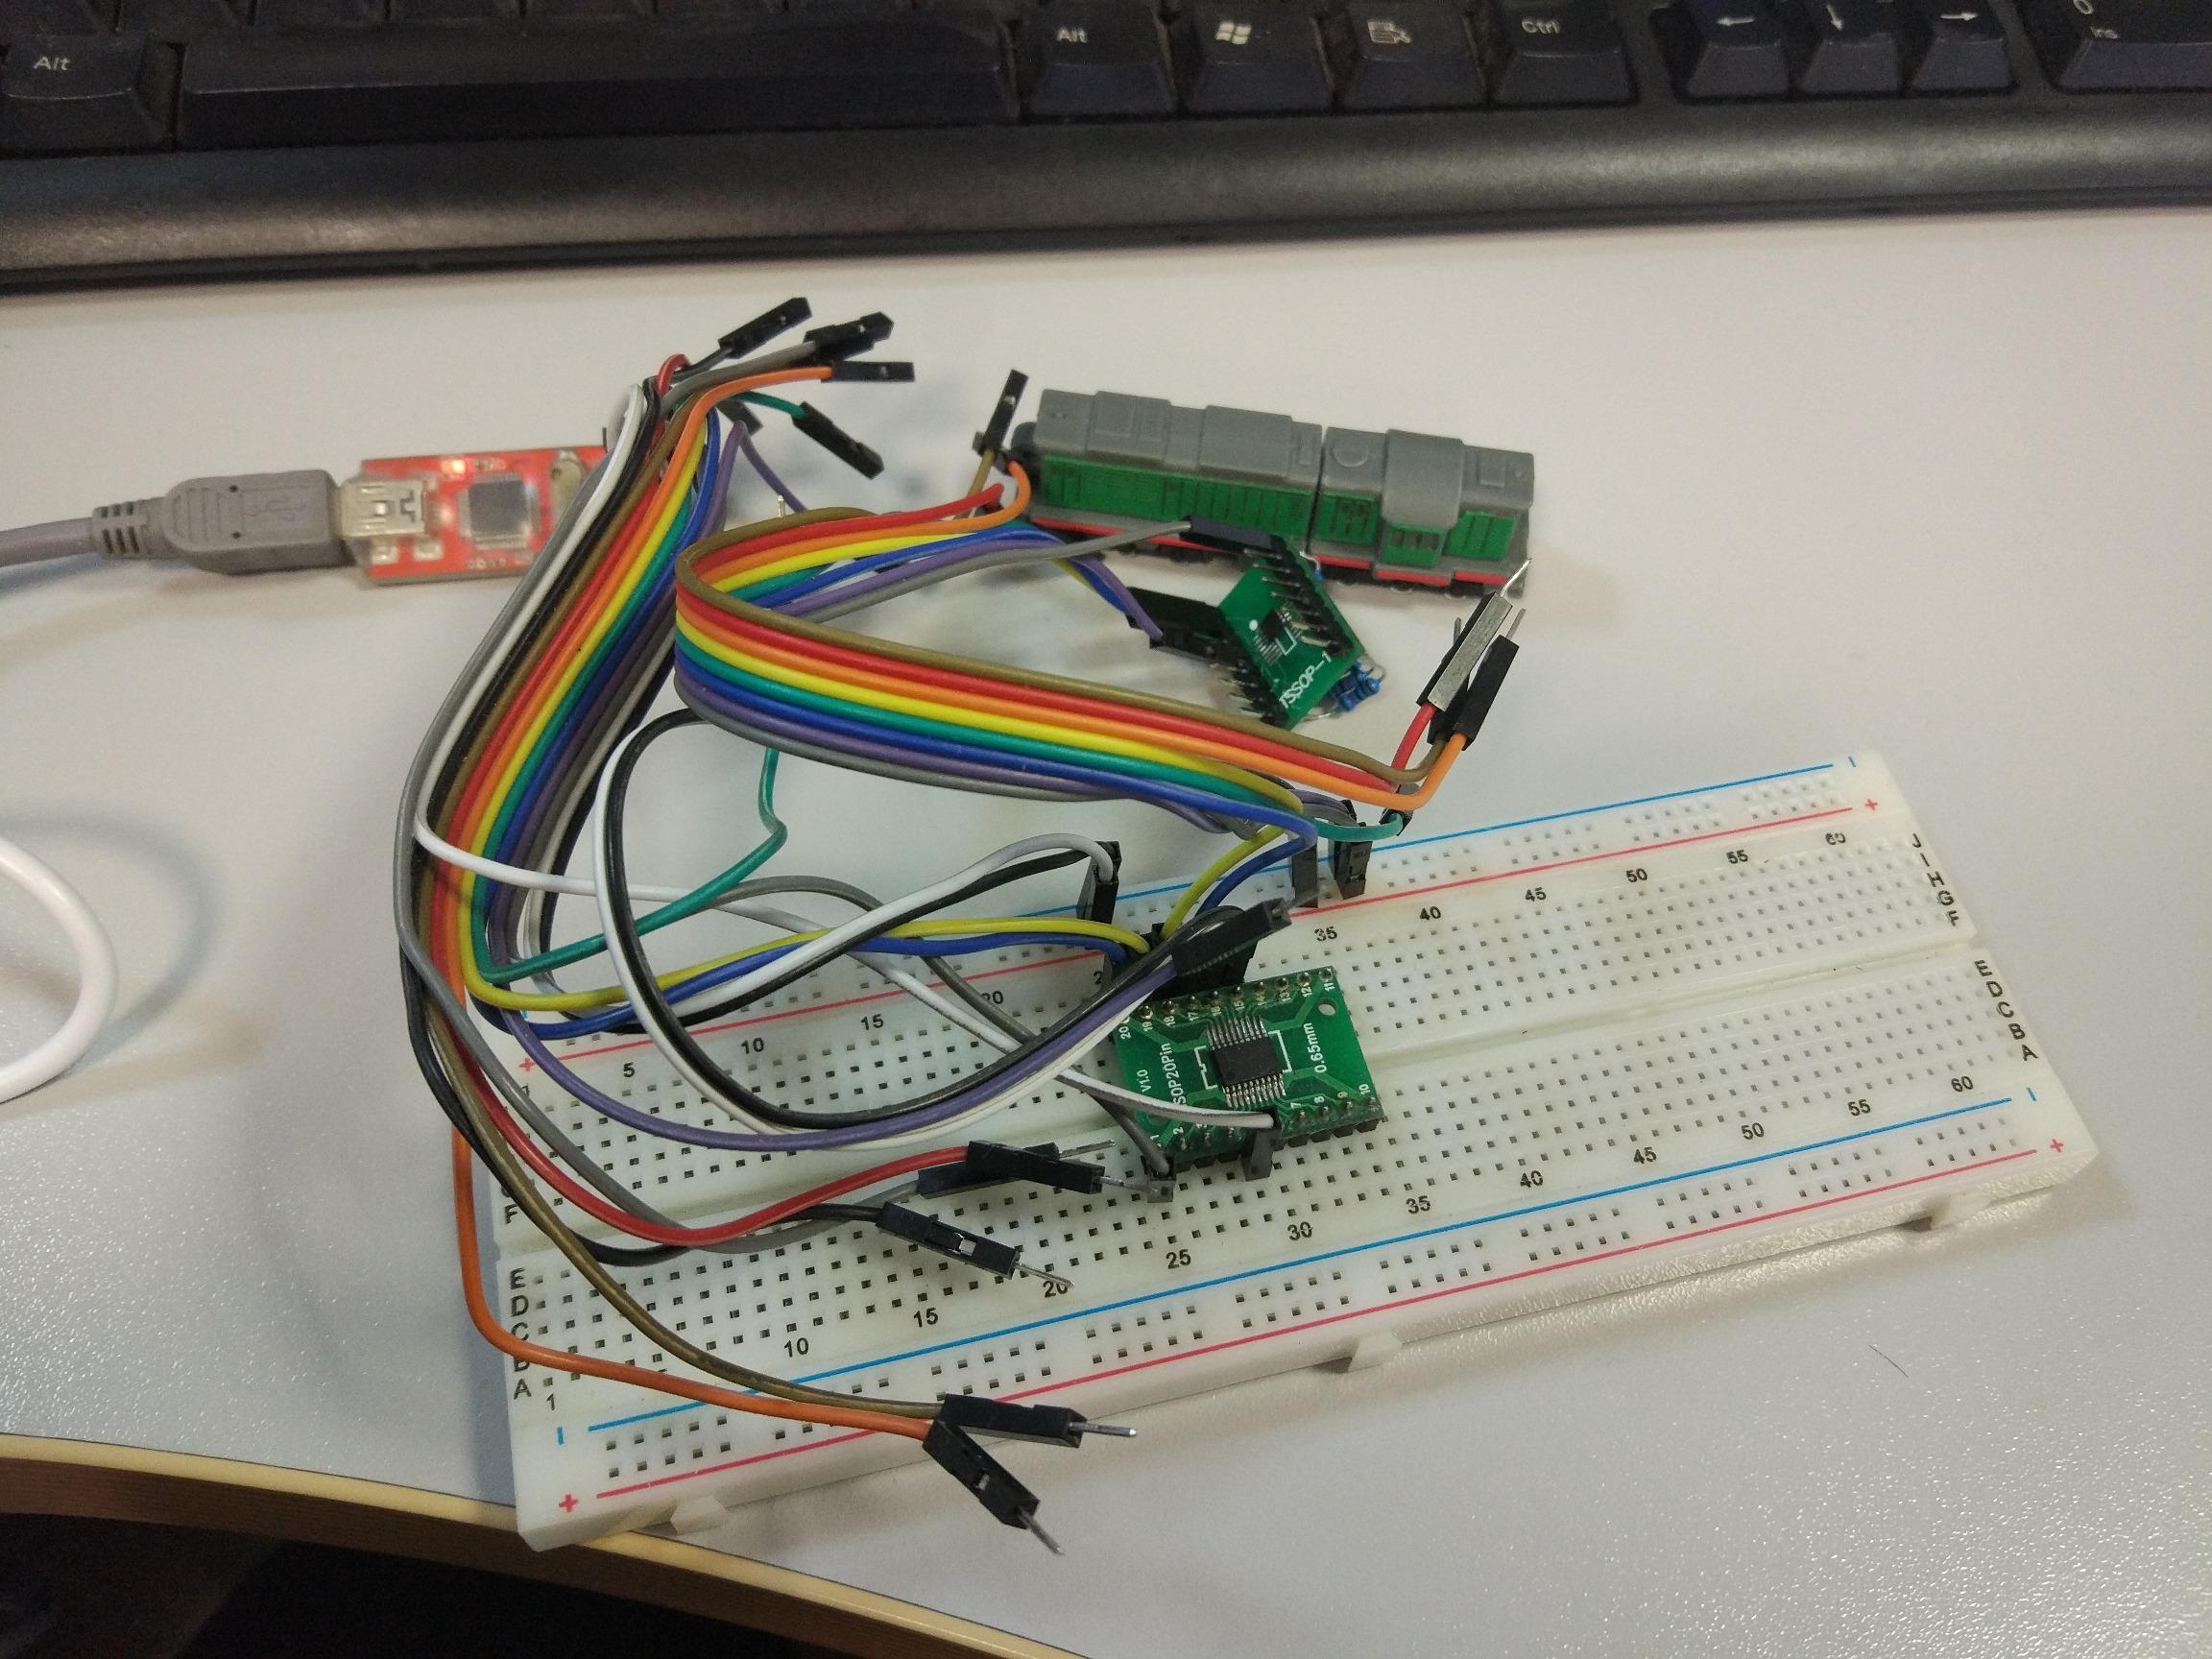 Рис.1. Подключение интегрального датчика температуры STLM75 к микроконтроллеру STM32F030F4P6